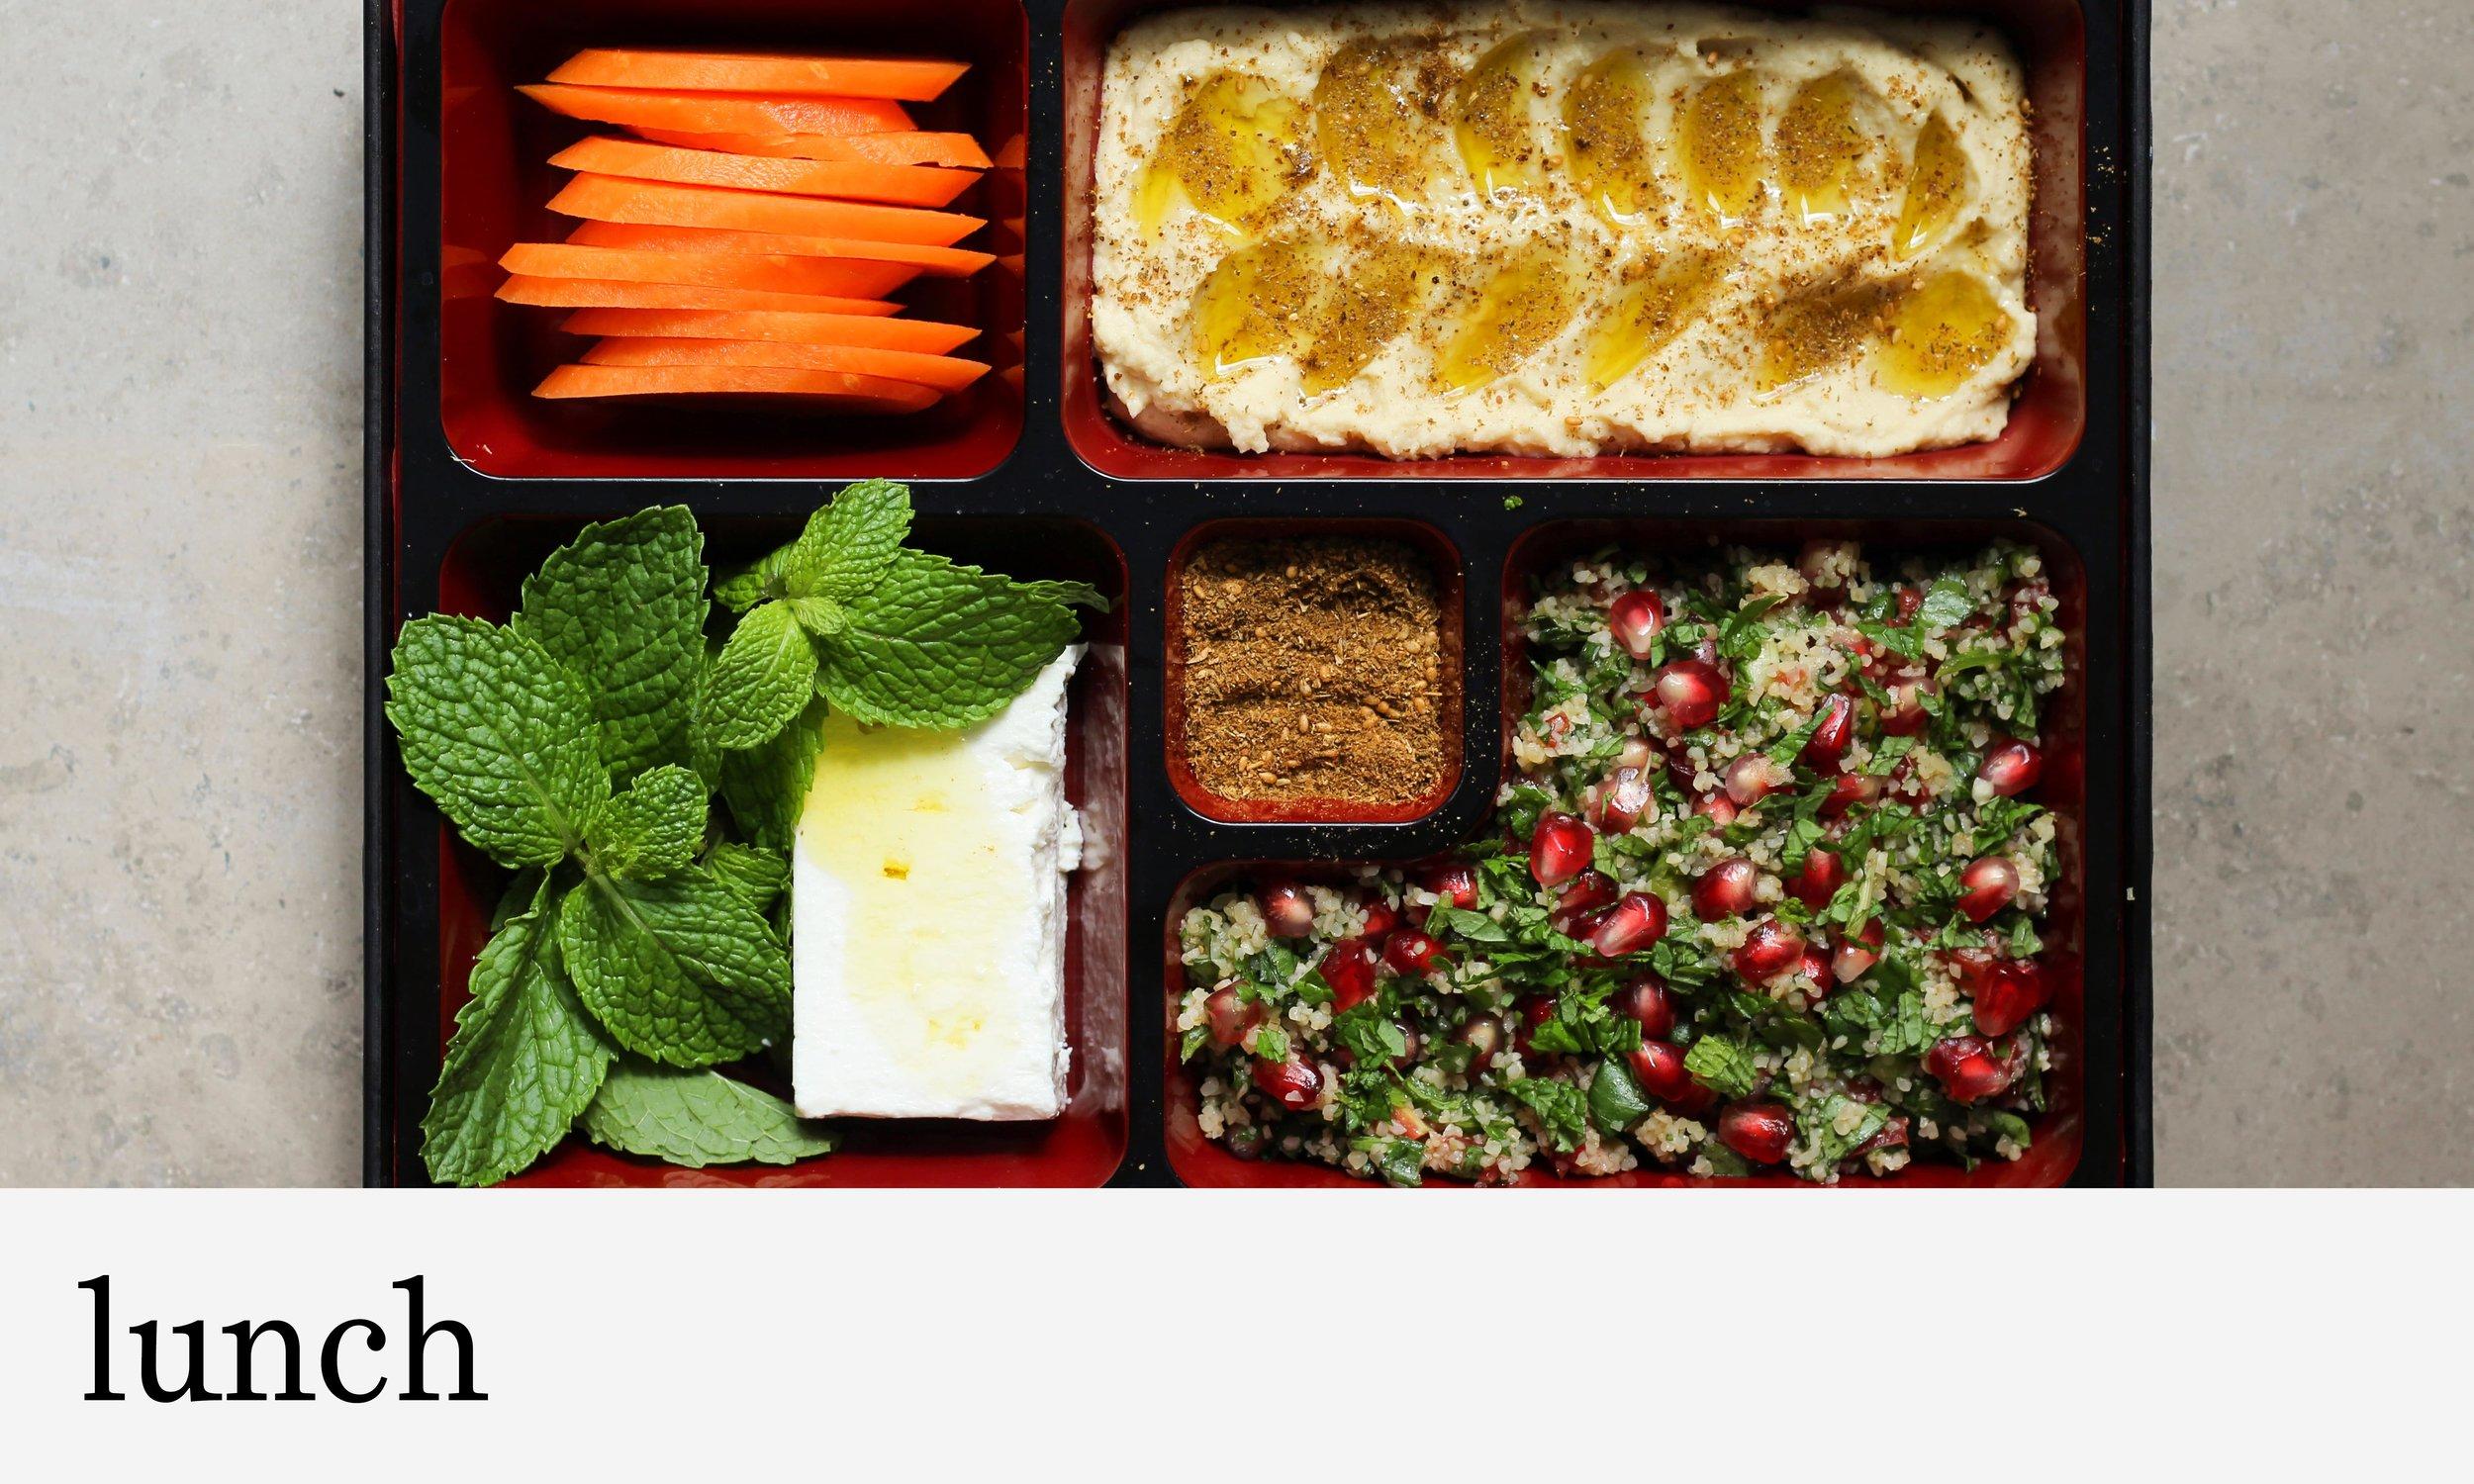 2. lunch-min.jpg